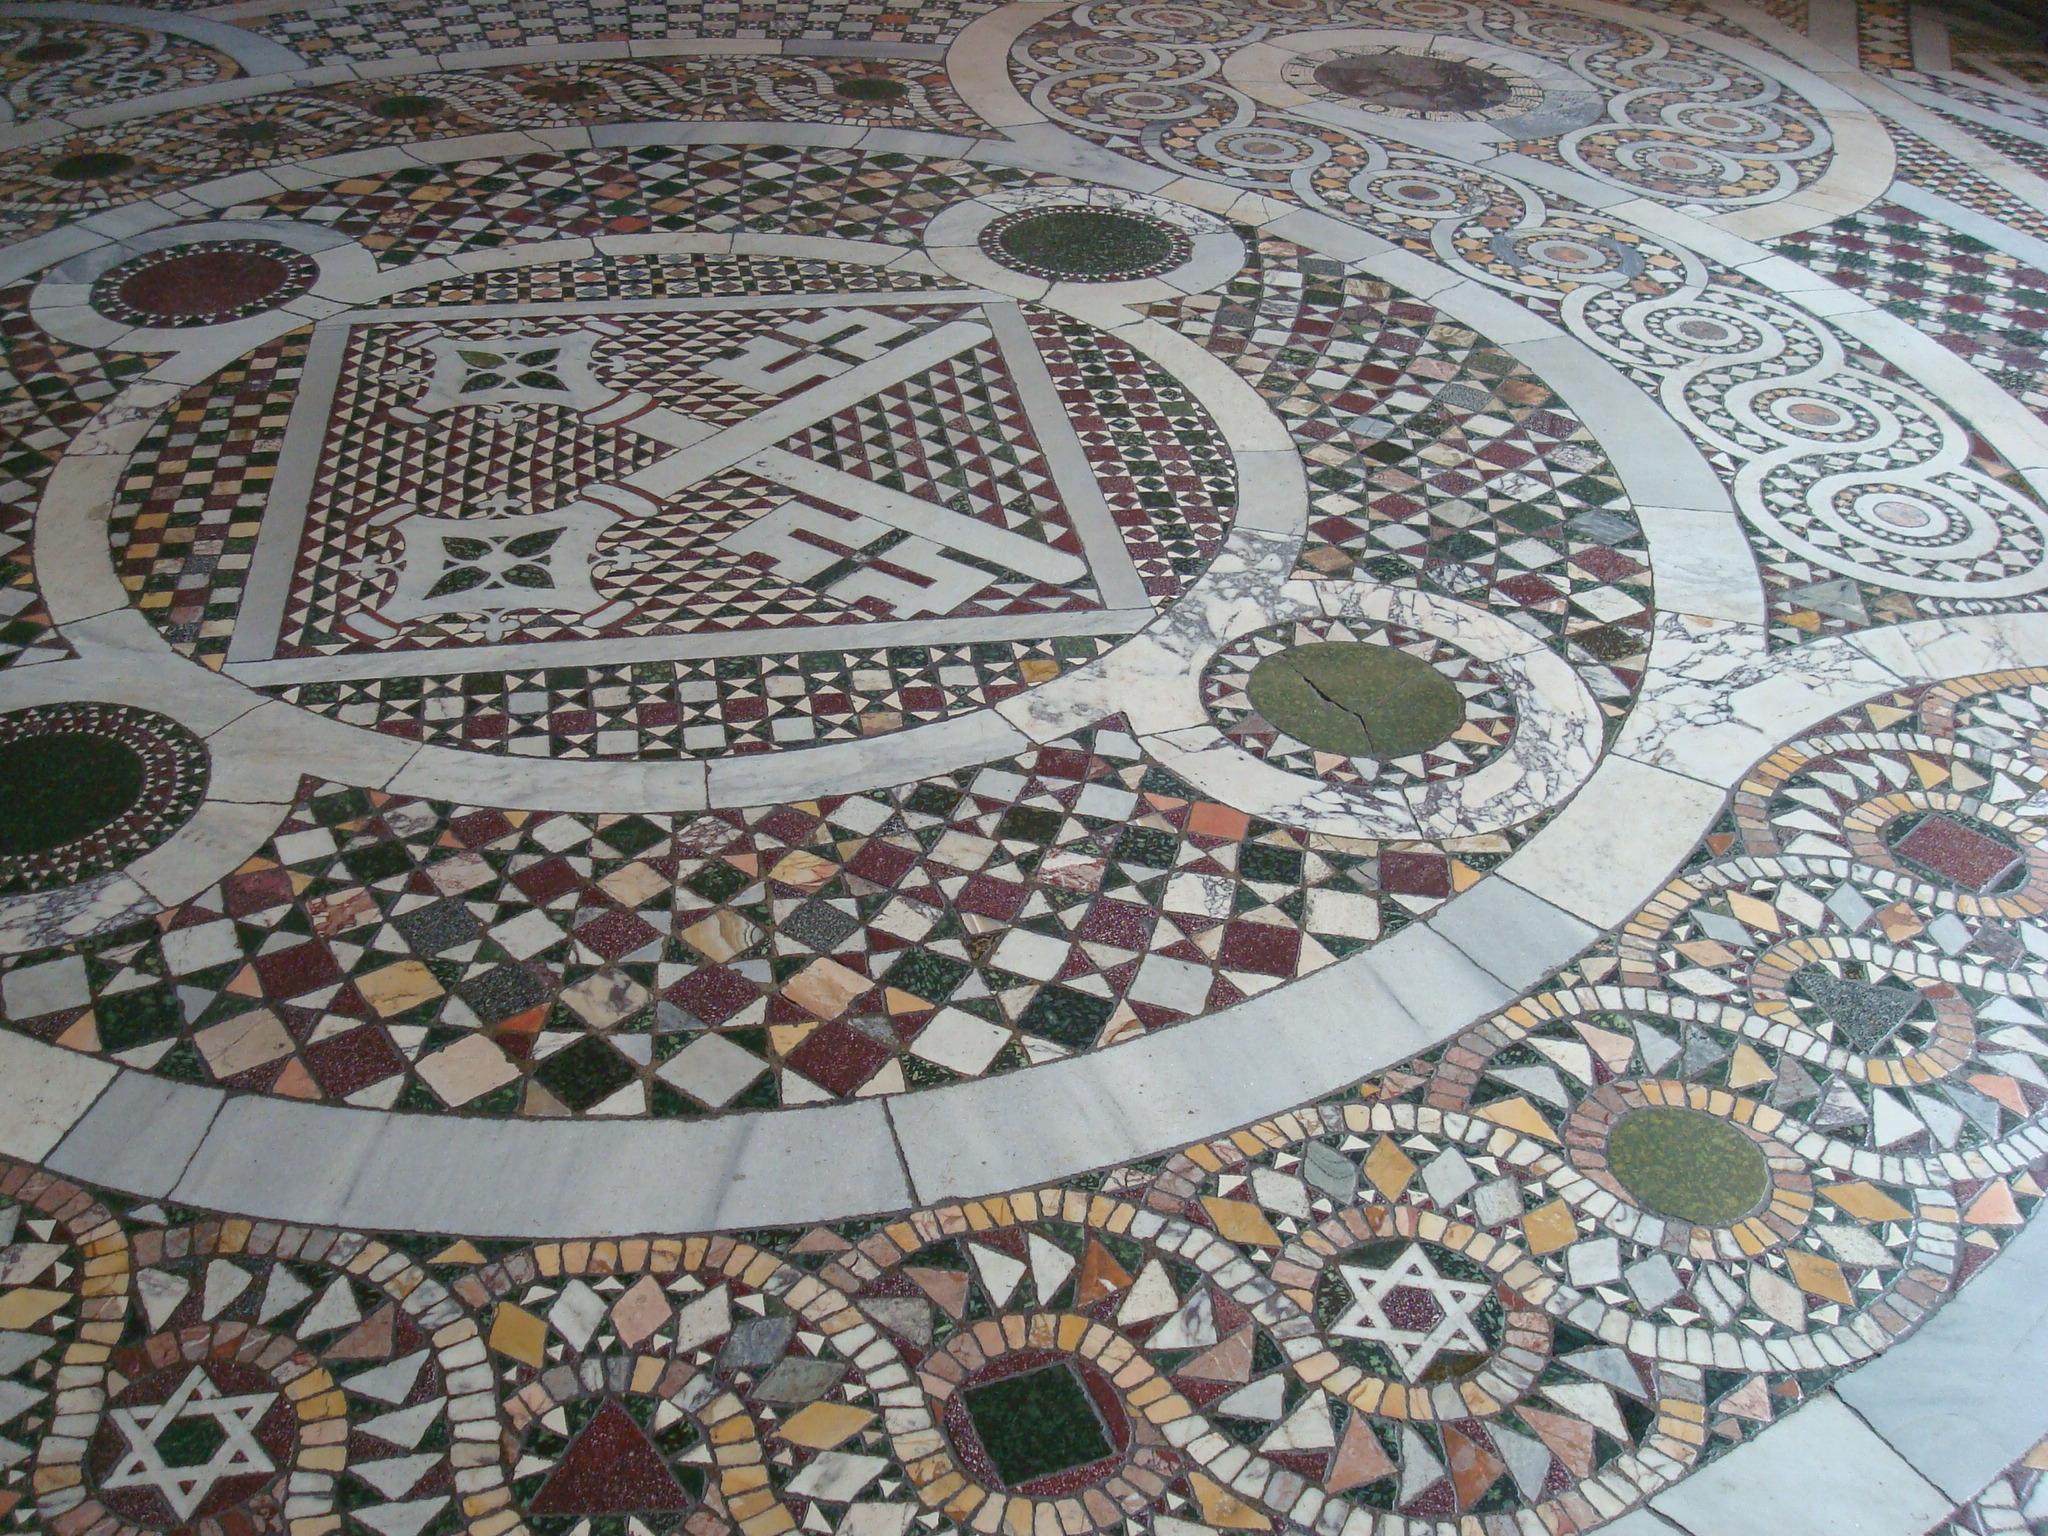 mosaic tile floor vatican museum